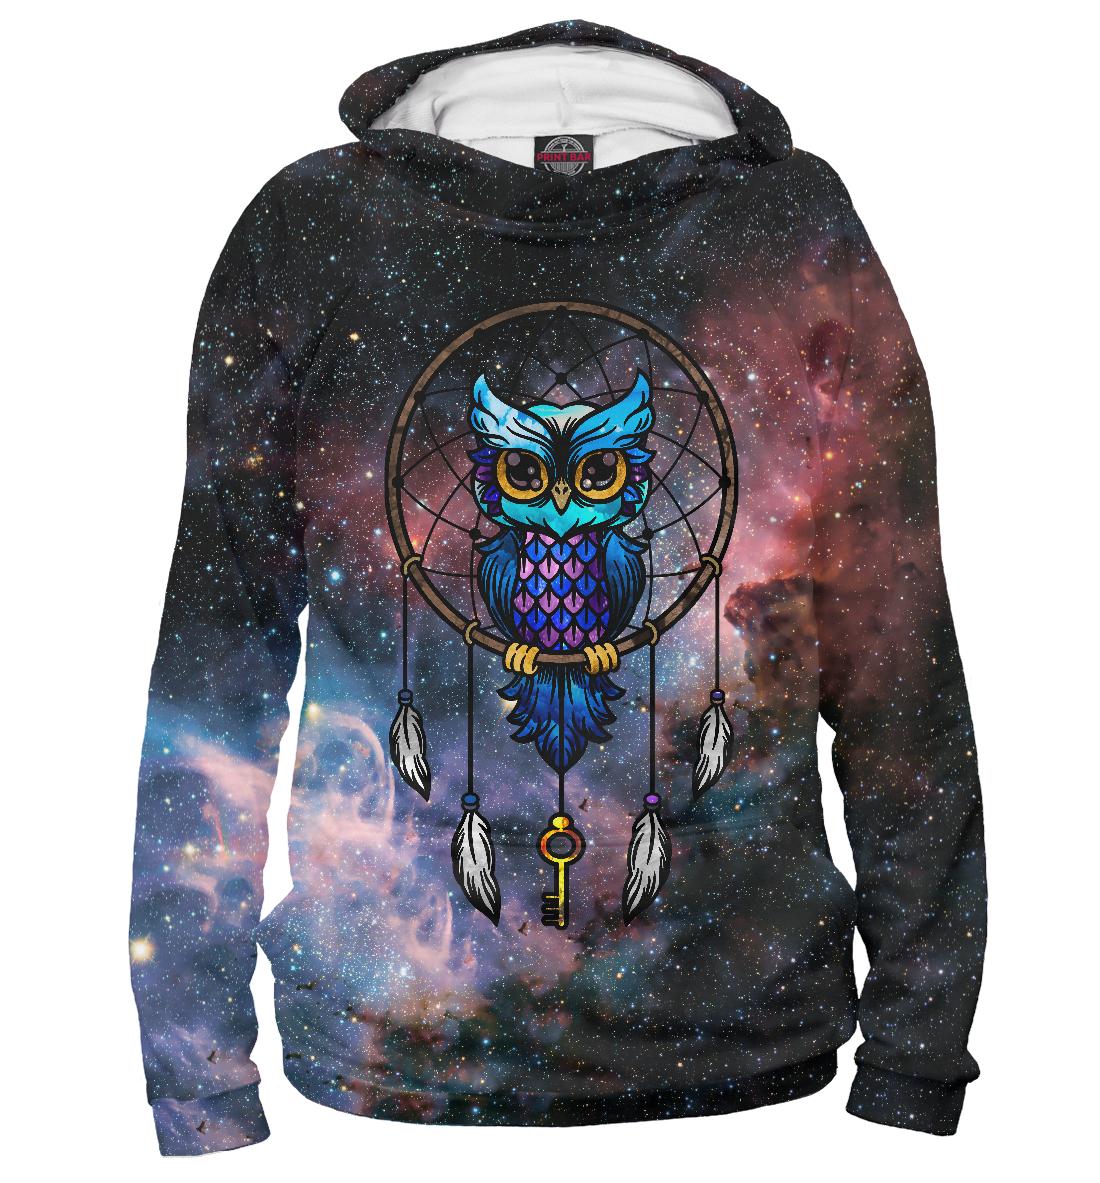 Купить Сова космос, Printbar, Худи, OWL-162615-hud-2